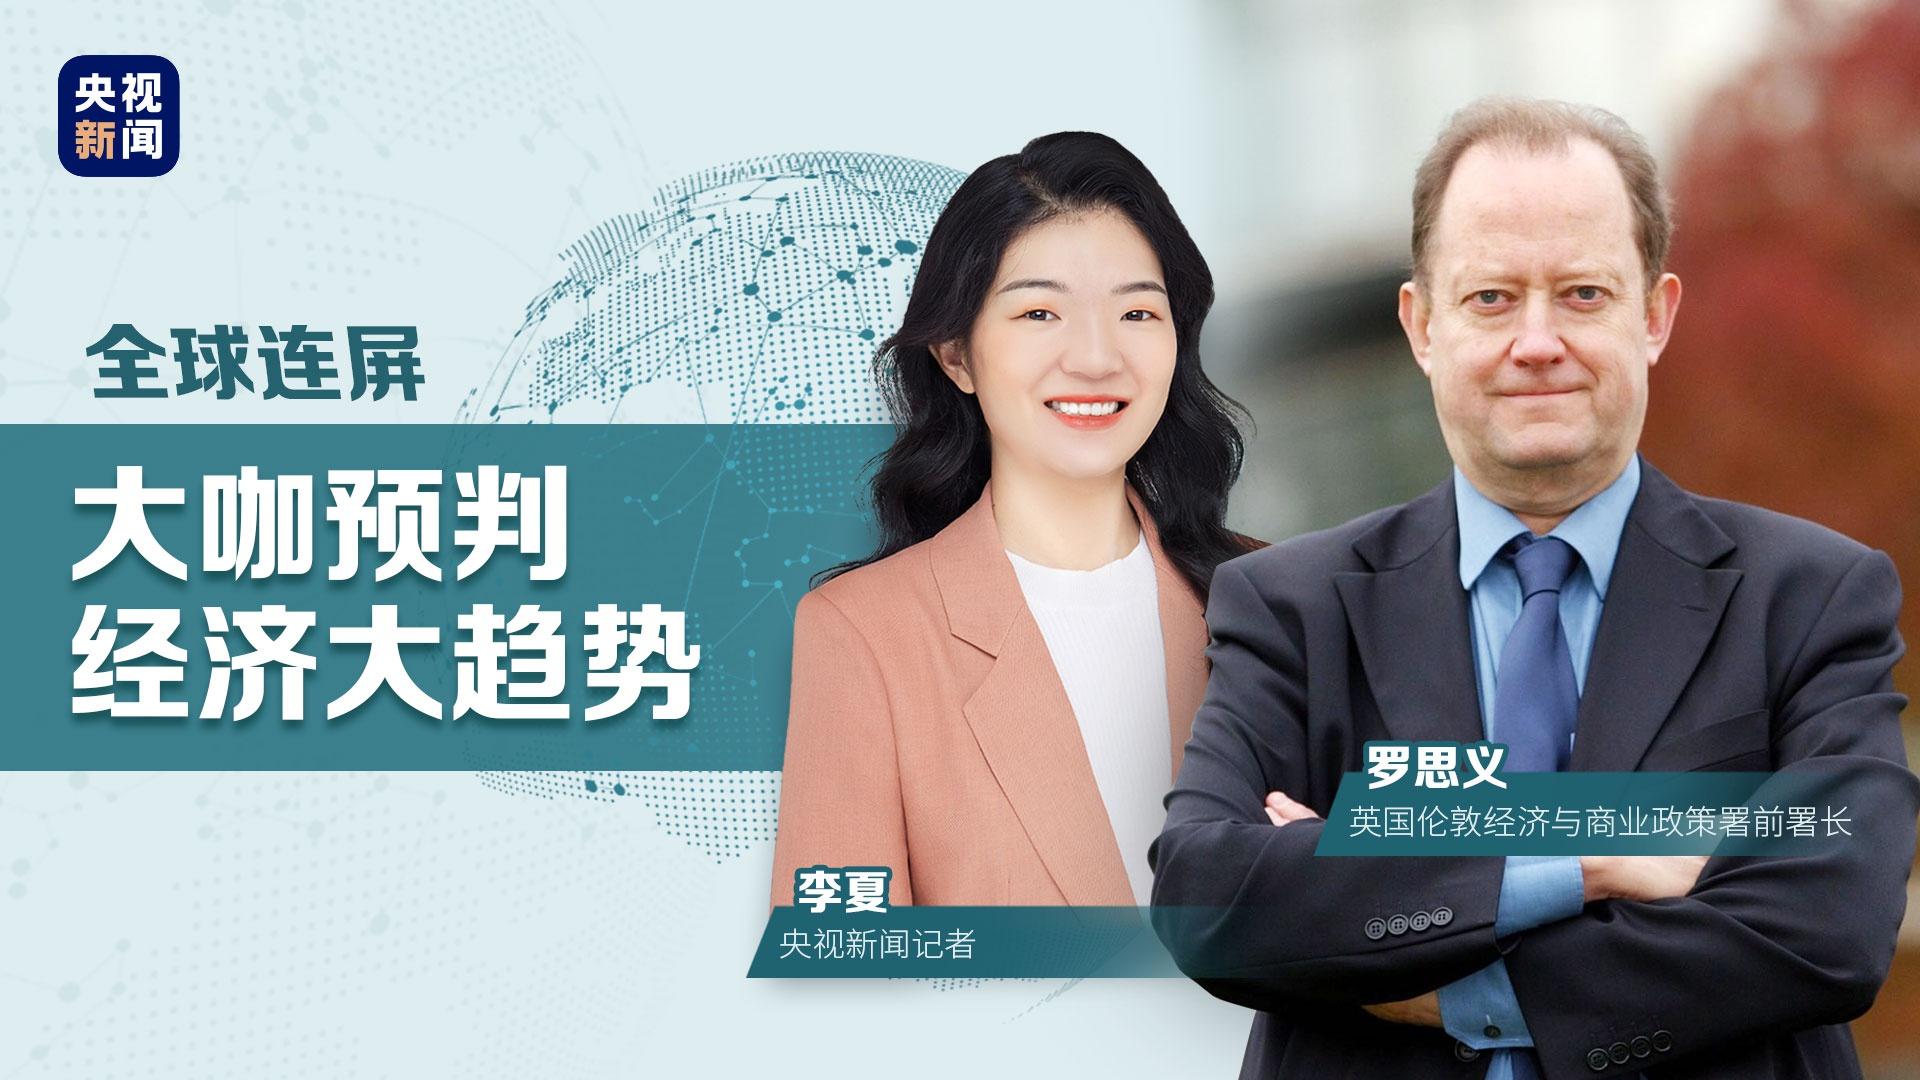 罗思义:中国将是2020年增长最强劲的经济体图片